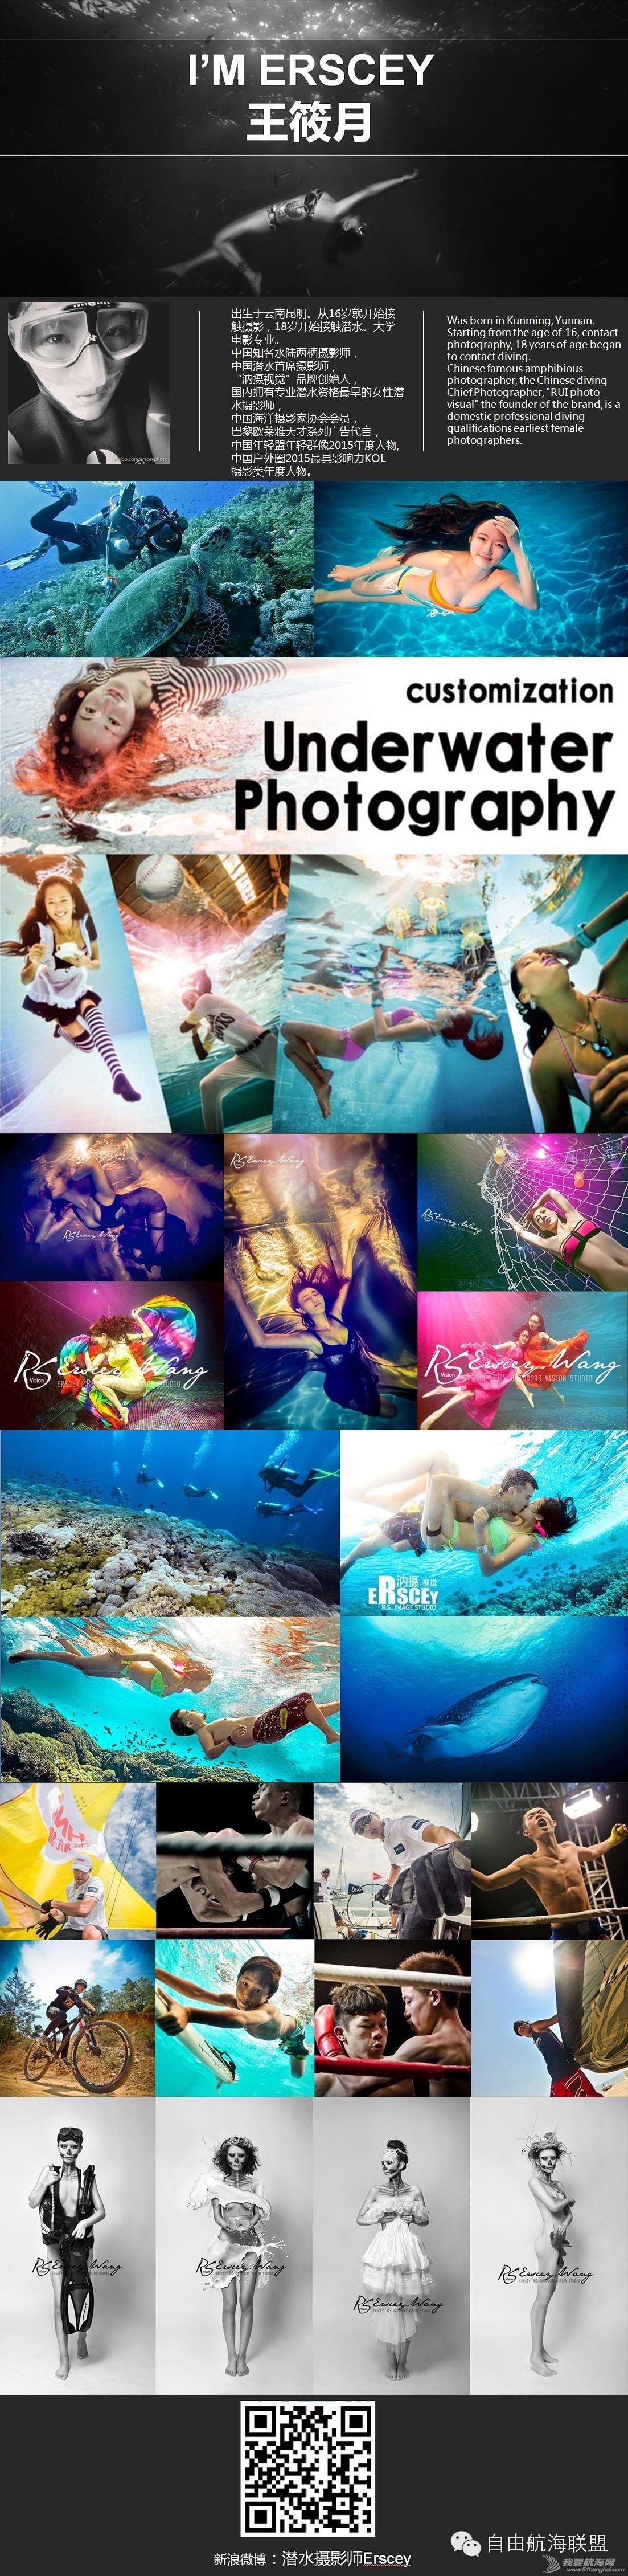 加勒比海,巴哈马,帆船 寻找黑珍珠号——加勒比海巴哈马帆船旅行(FreeSailing 4月开拓团)[巴哈马] c46aa6c4fd714f81543a1525c5b814d0.jpg